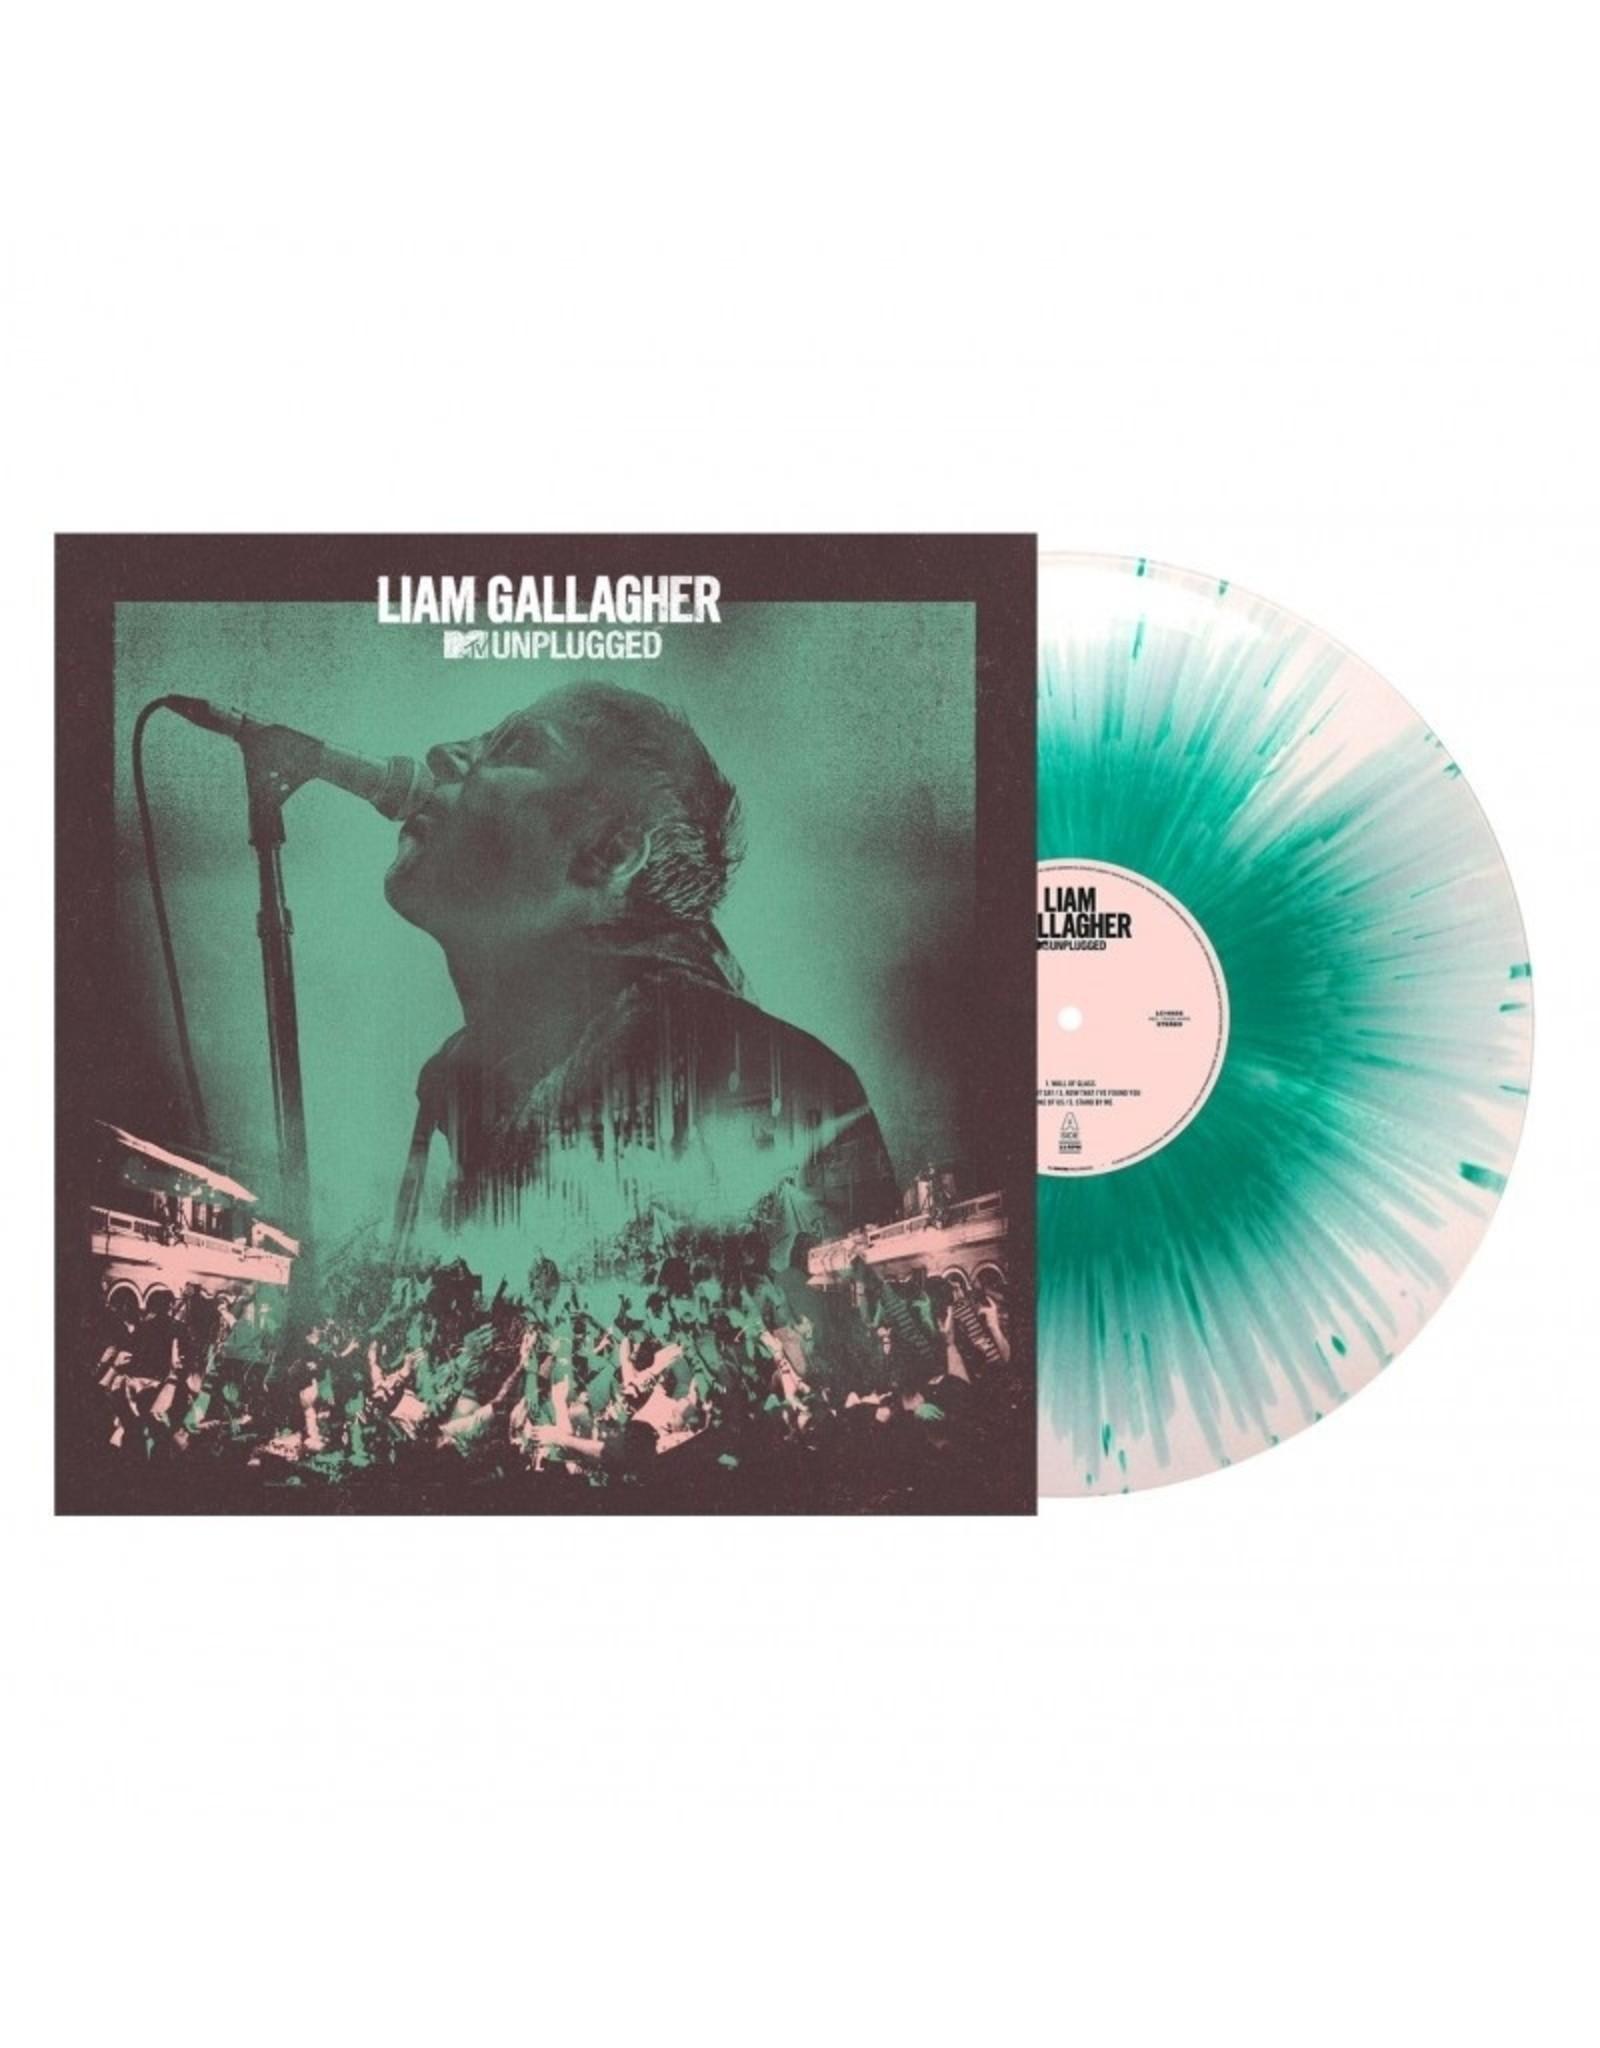 Liam Gallagher - MTV Unplugged (Exclusive Splatter Vinyl)